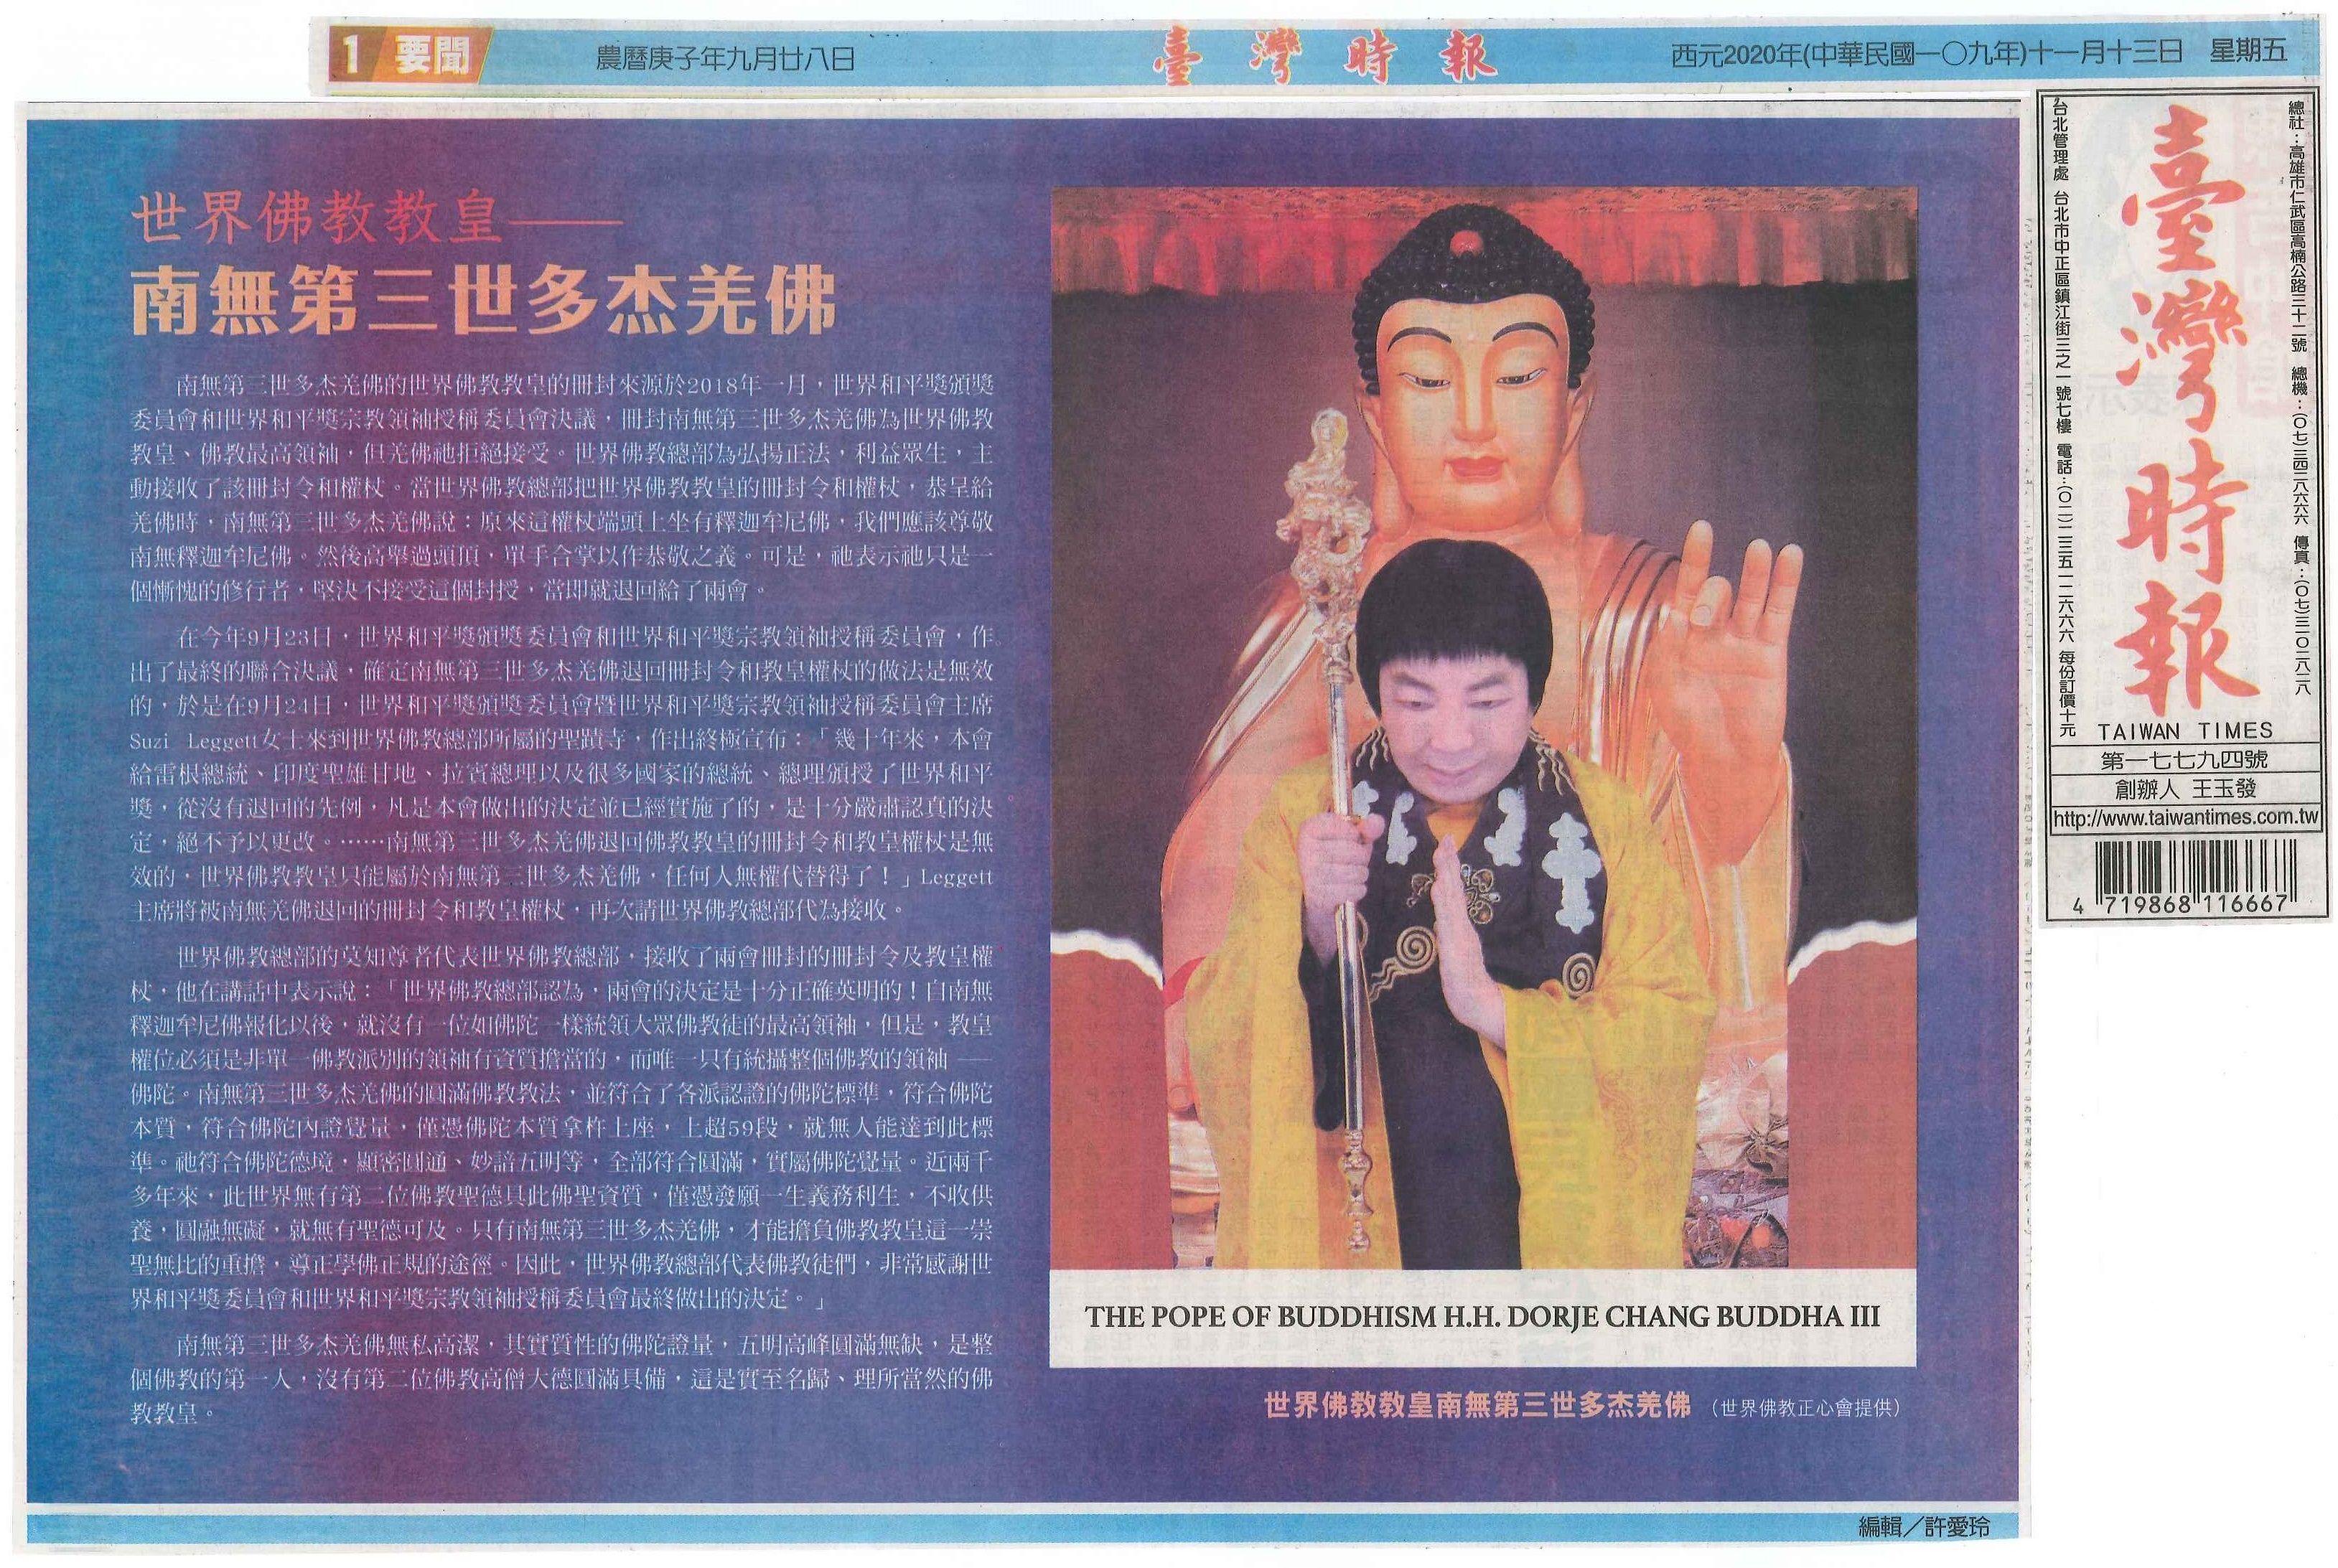 世界佛教教皇 - 南無第三世多杰羌佛(相關新聞彙整)